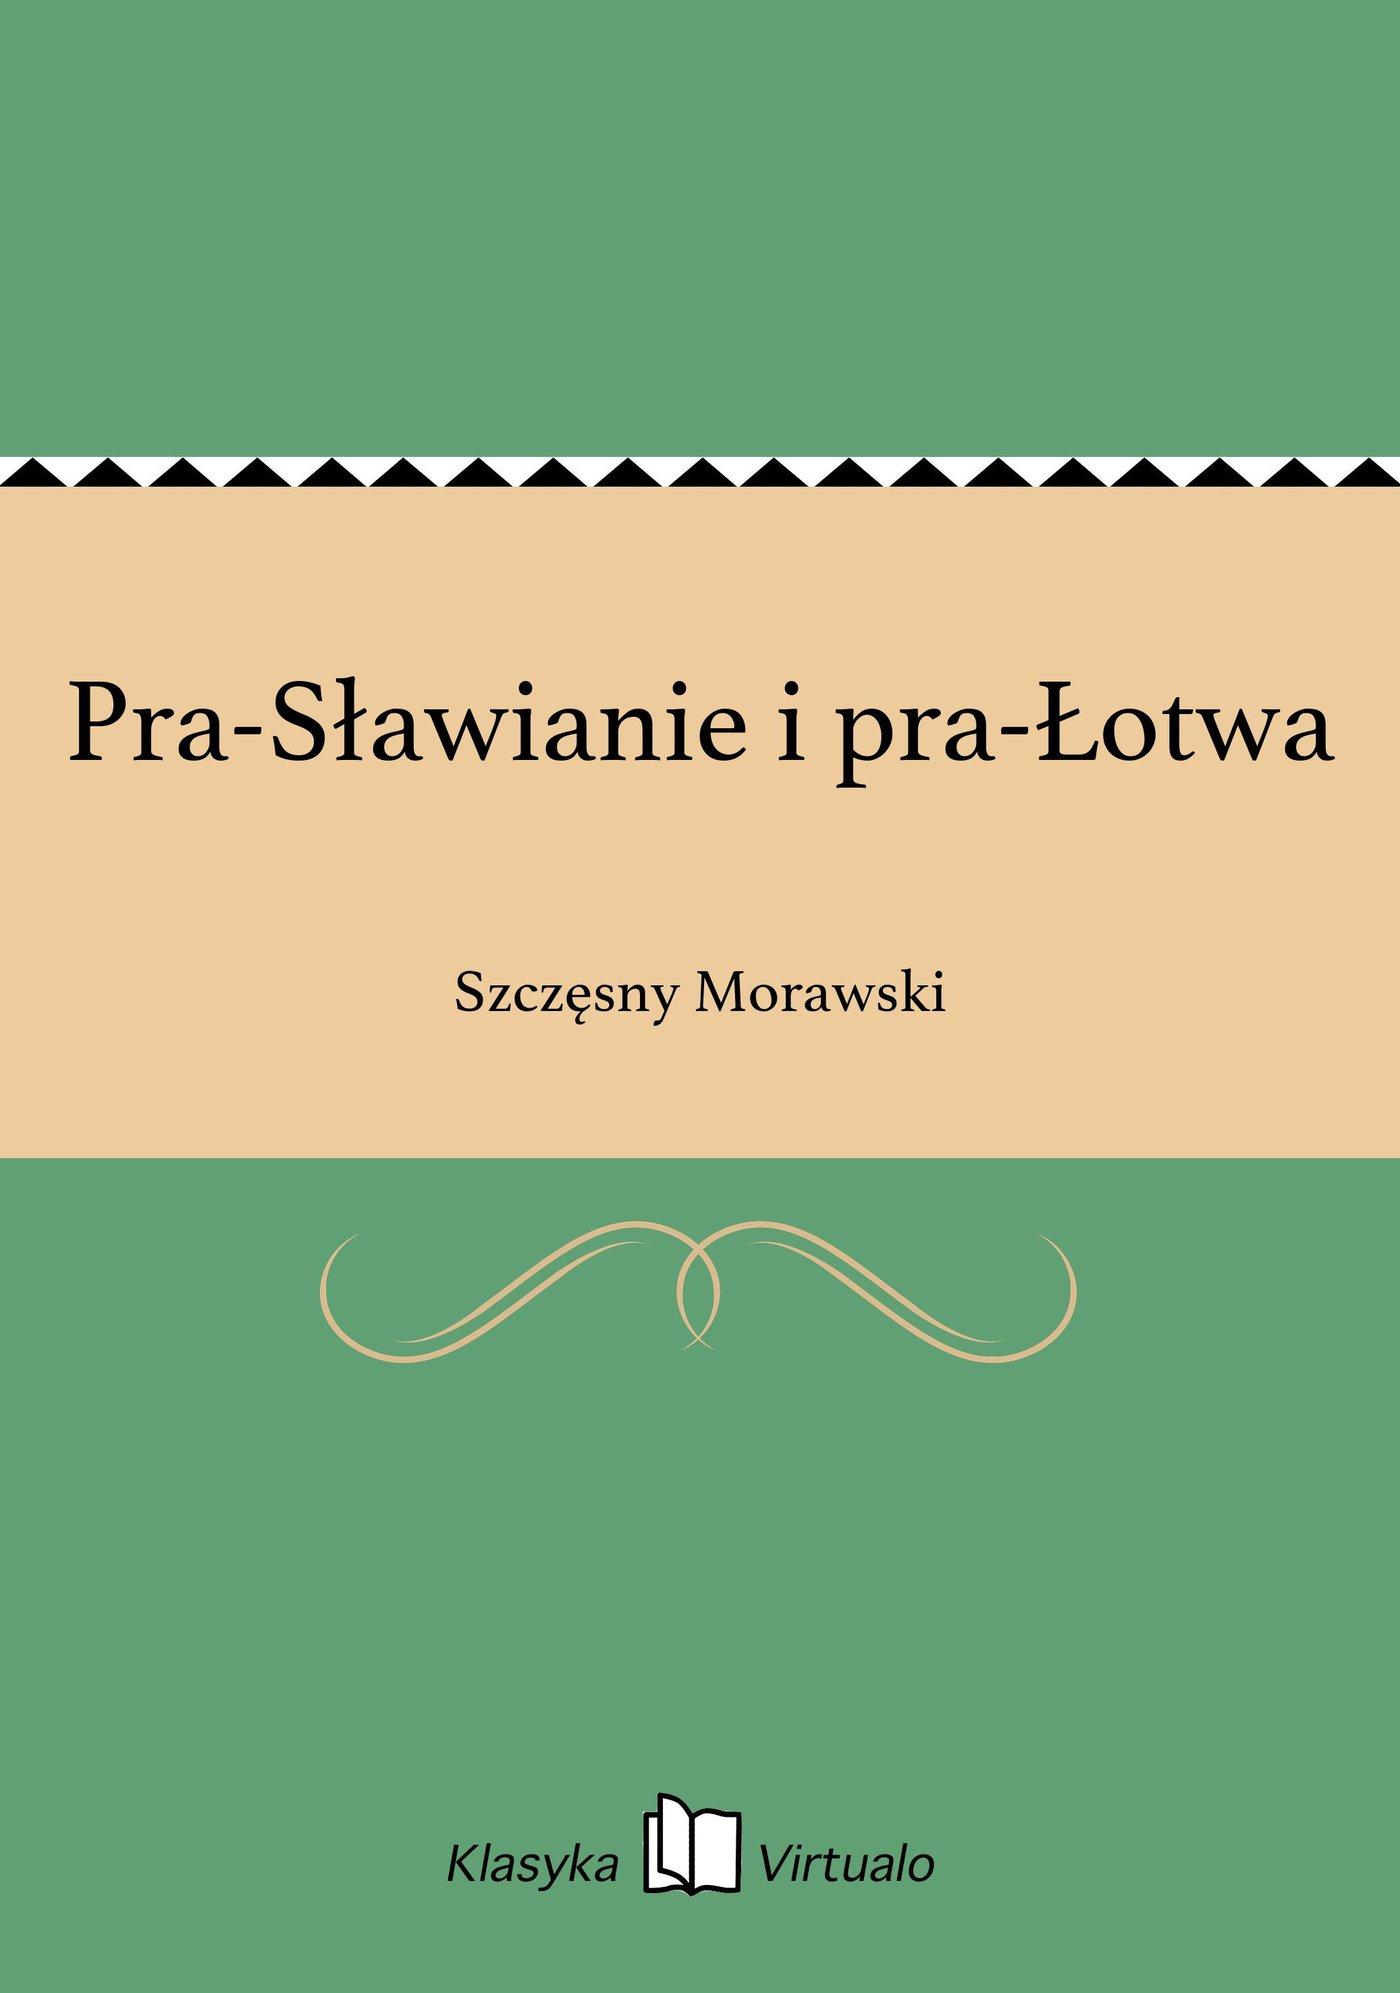 Pra-Sławianie i pra-Łotwa - Ebook (Książka EPUB) do pobrania w formacie EPUB